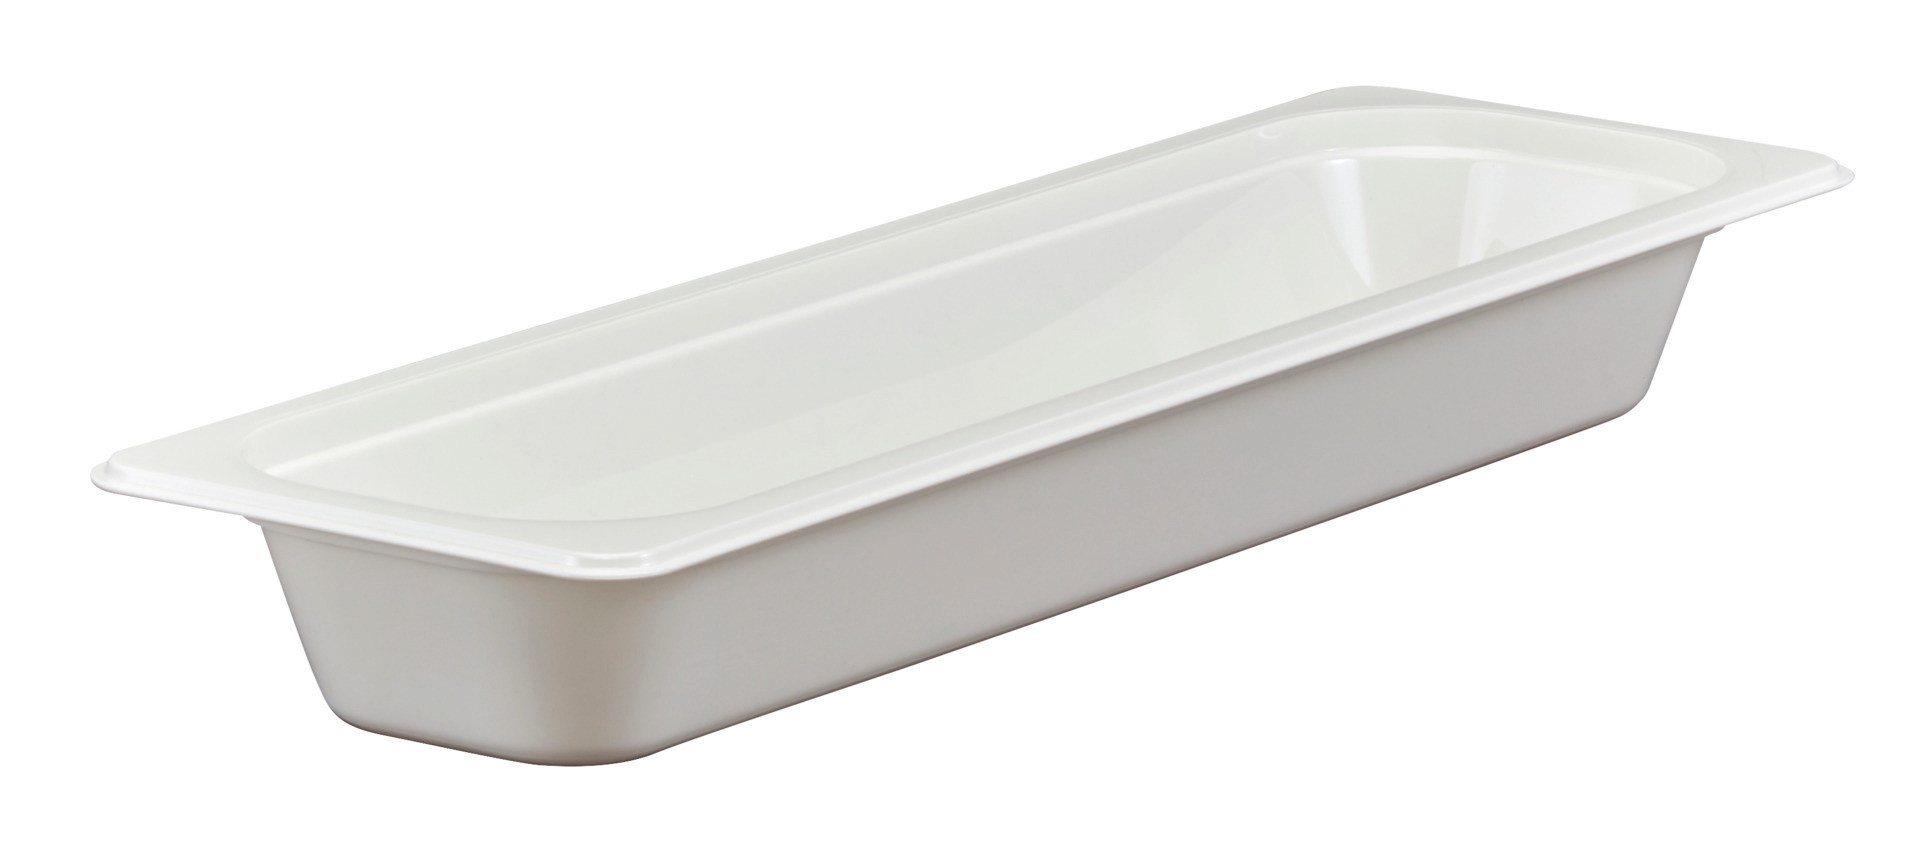 GN-Behälter GN 2/4 3,00 l / 530 x 162 x 65 mm weiß